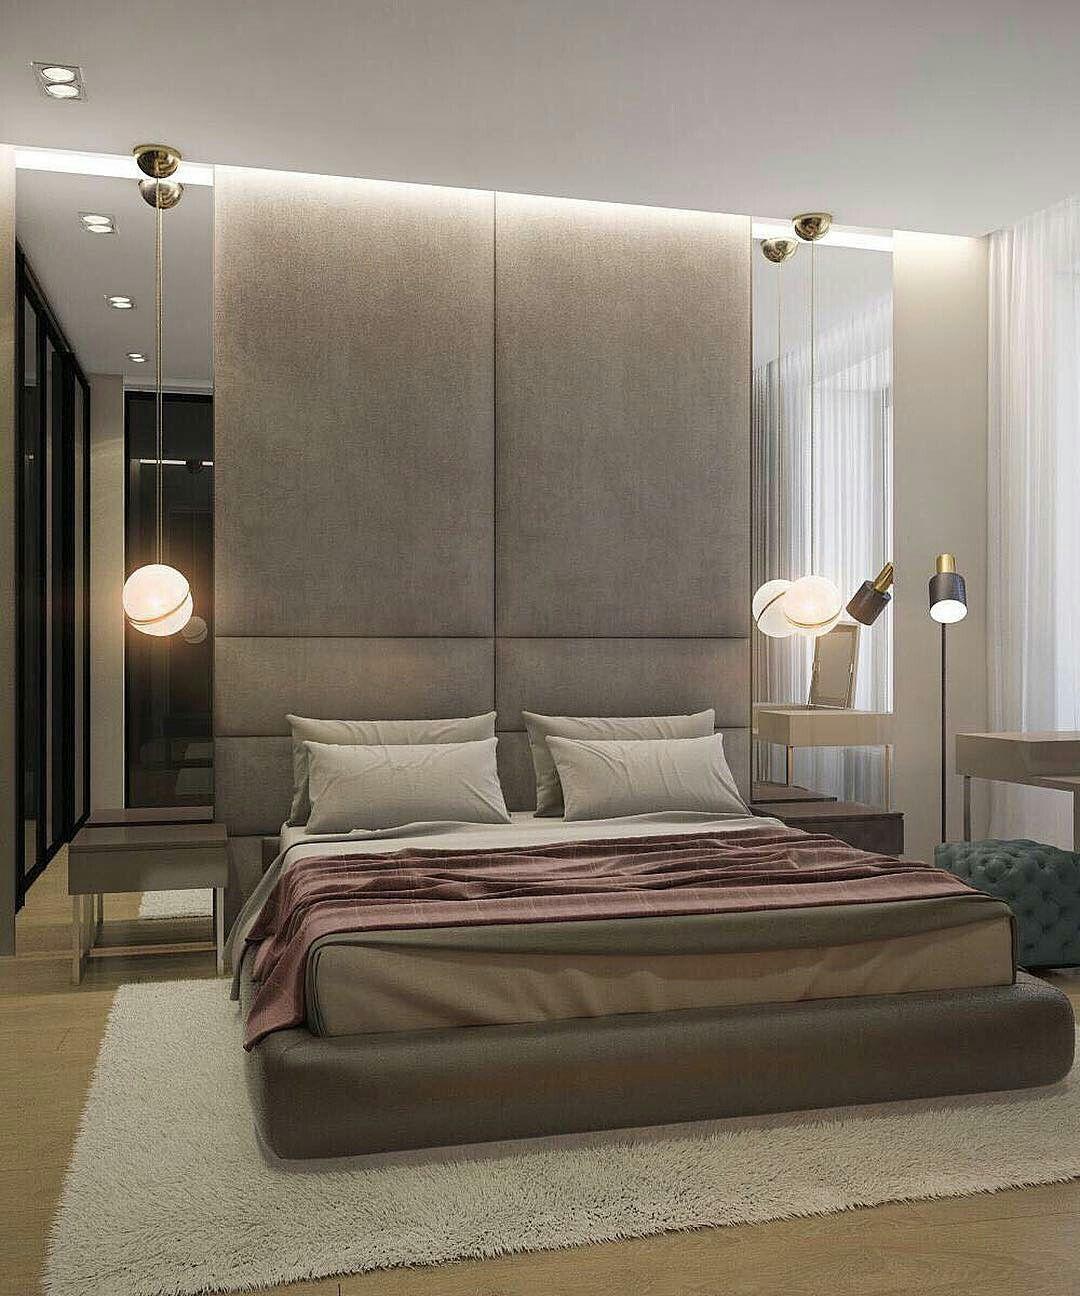 Respaldo Modern Luxury Bedroom Bedroom Bed Design Luxury Bedroom Master